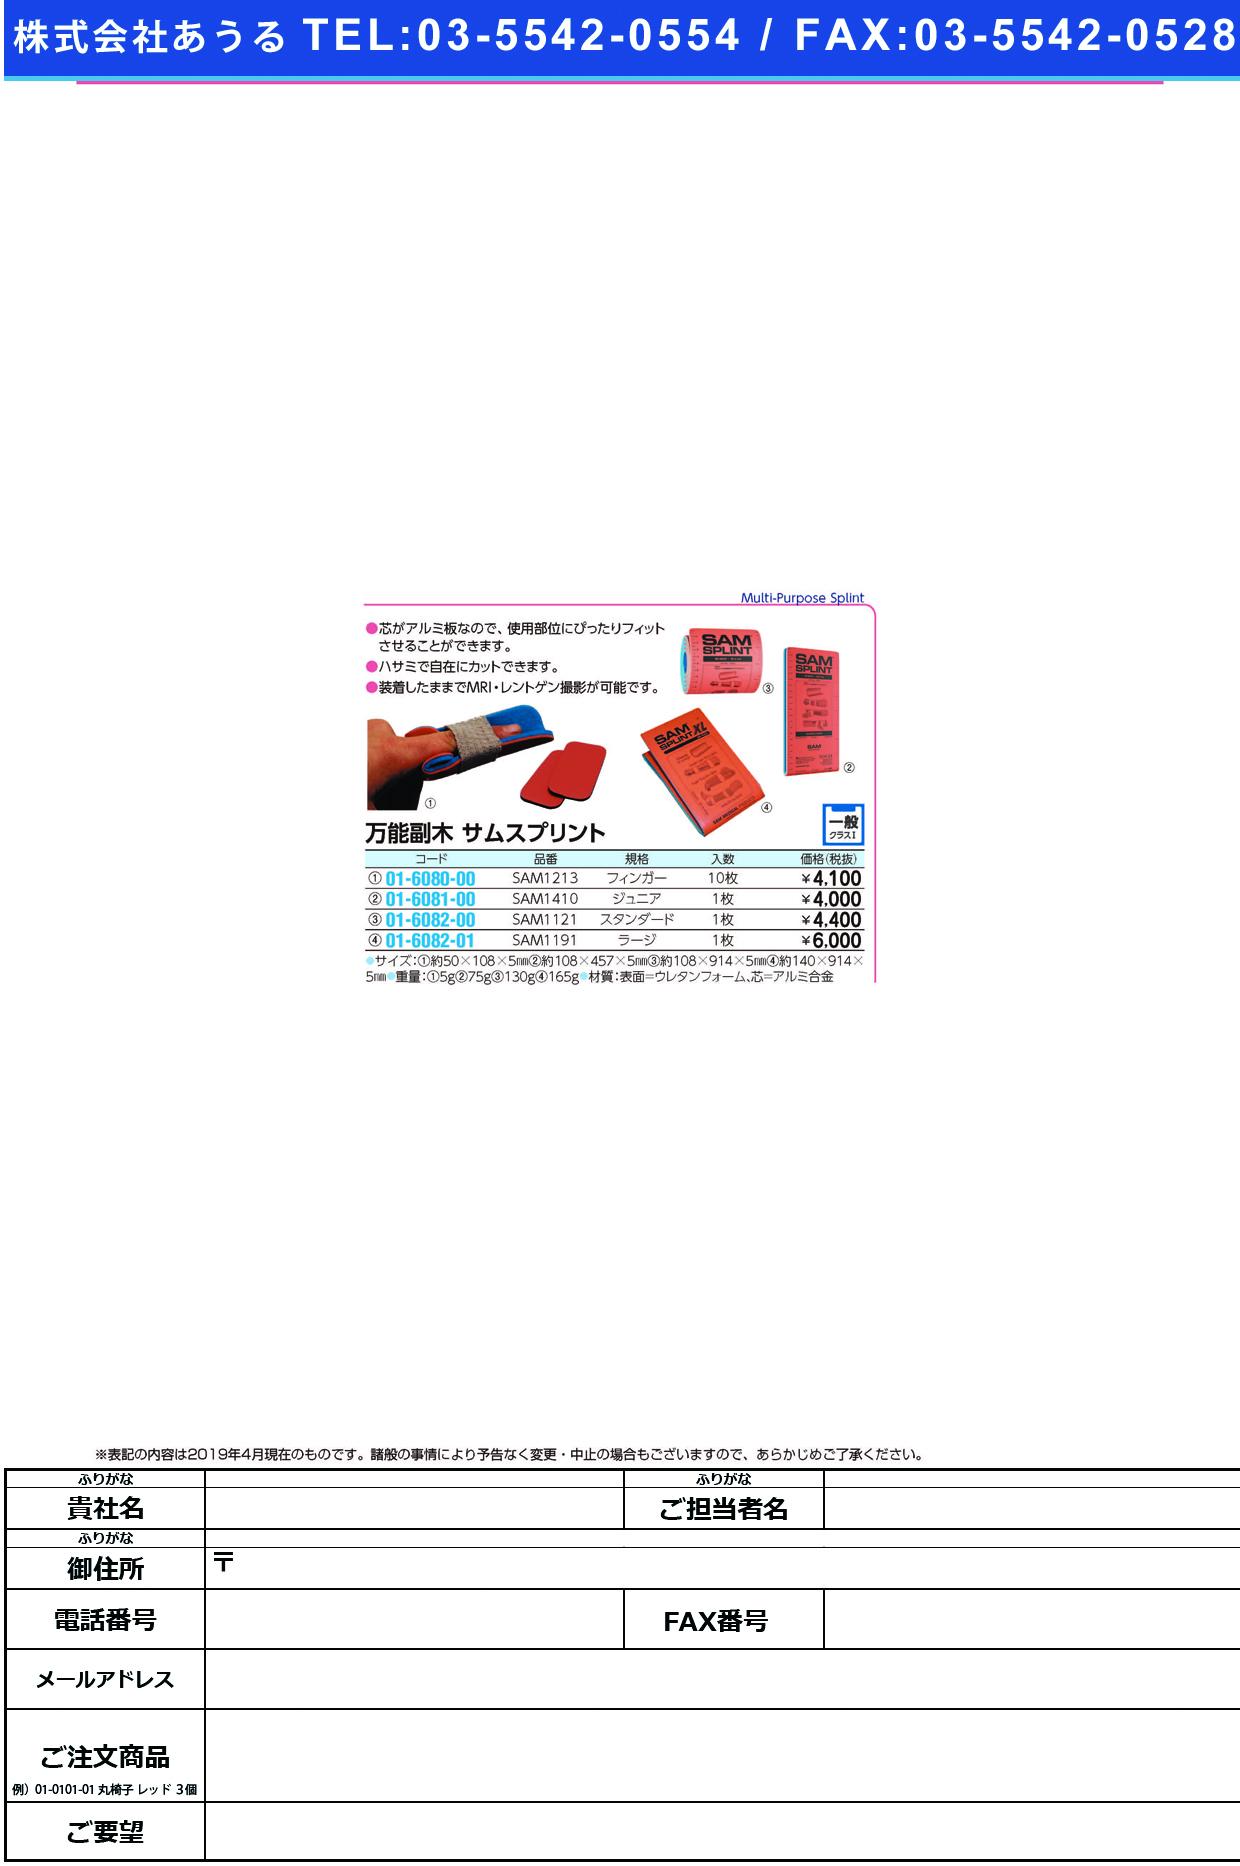 (01-6082-00)サムスプリント SAM1121(スタンダード) サムスプリント【1個単位】【2019年カタログ商品】